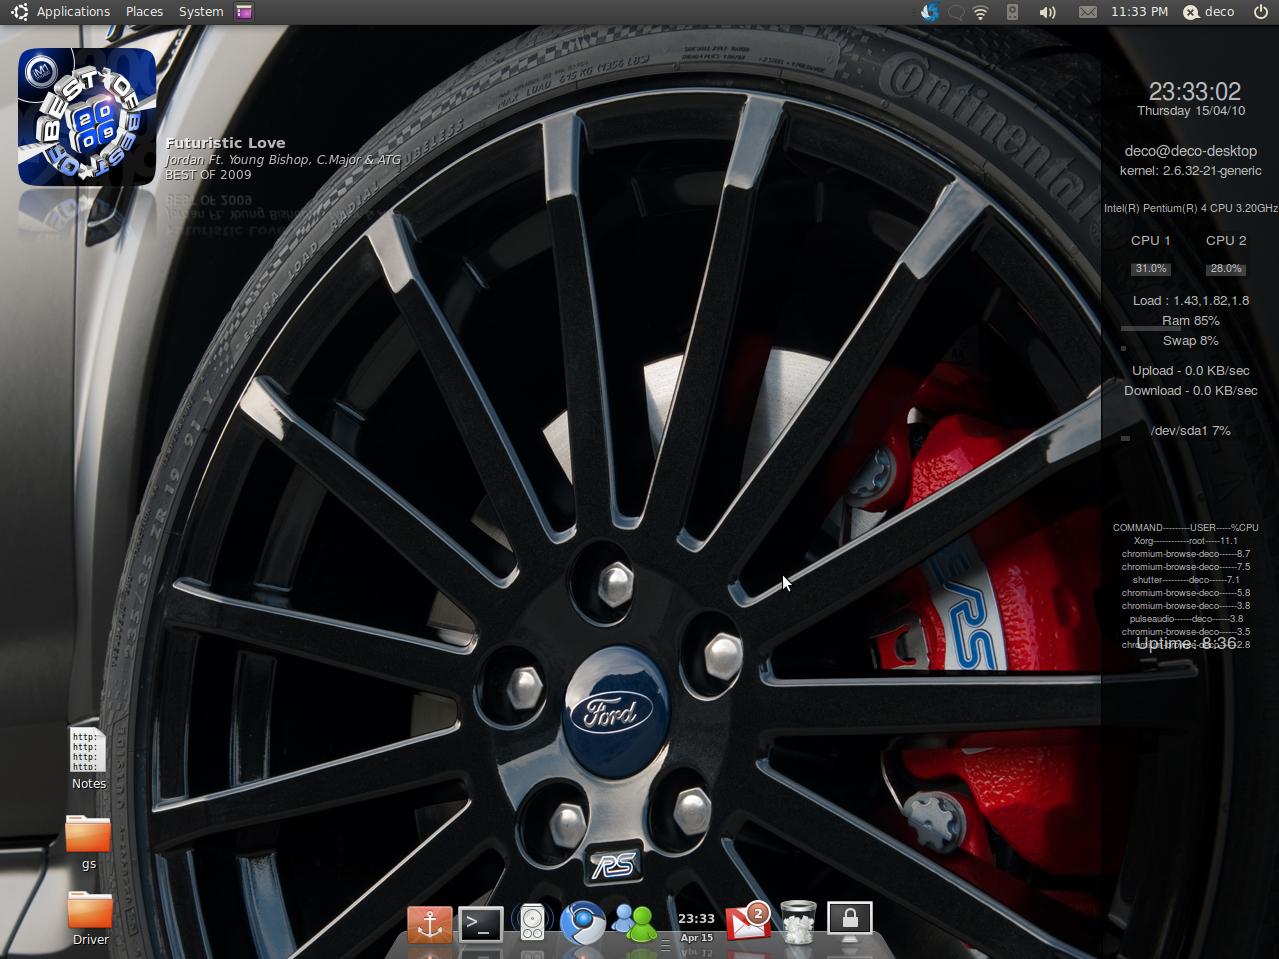 Post Your Desktop!